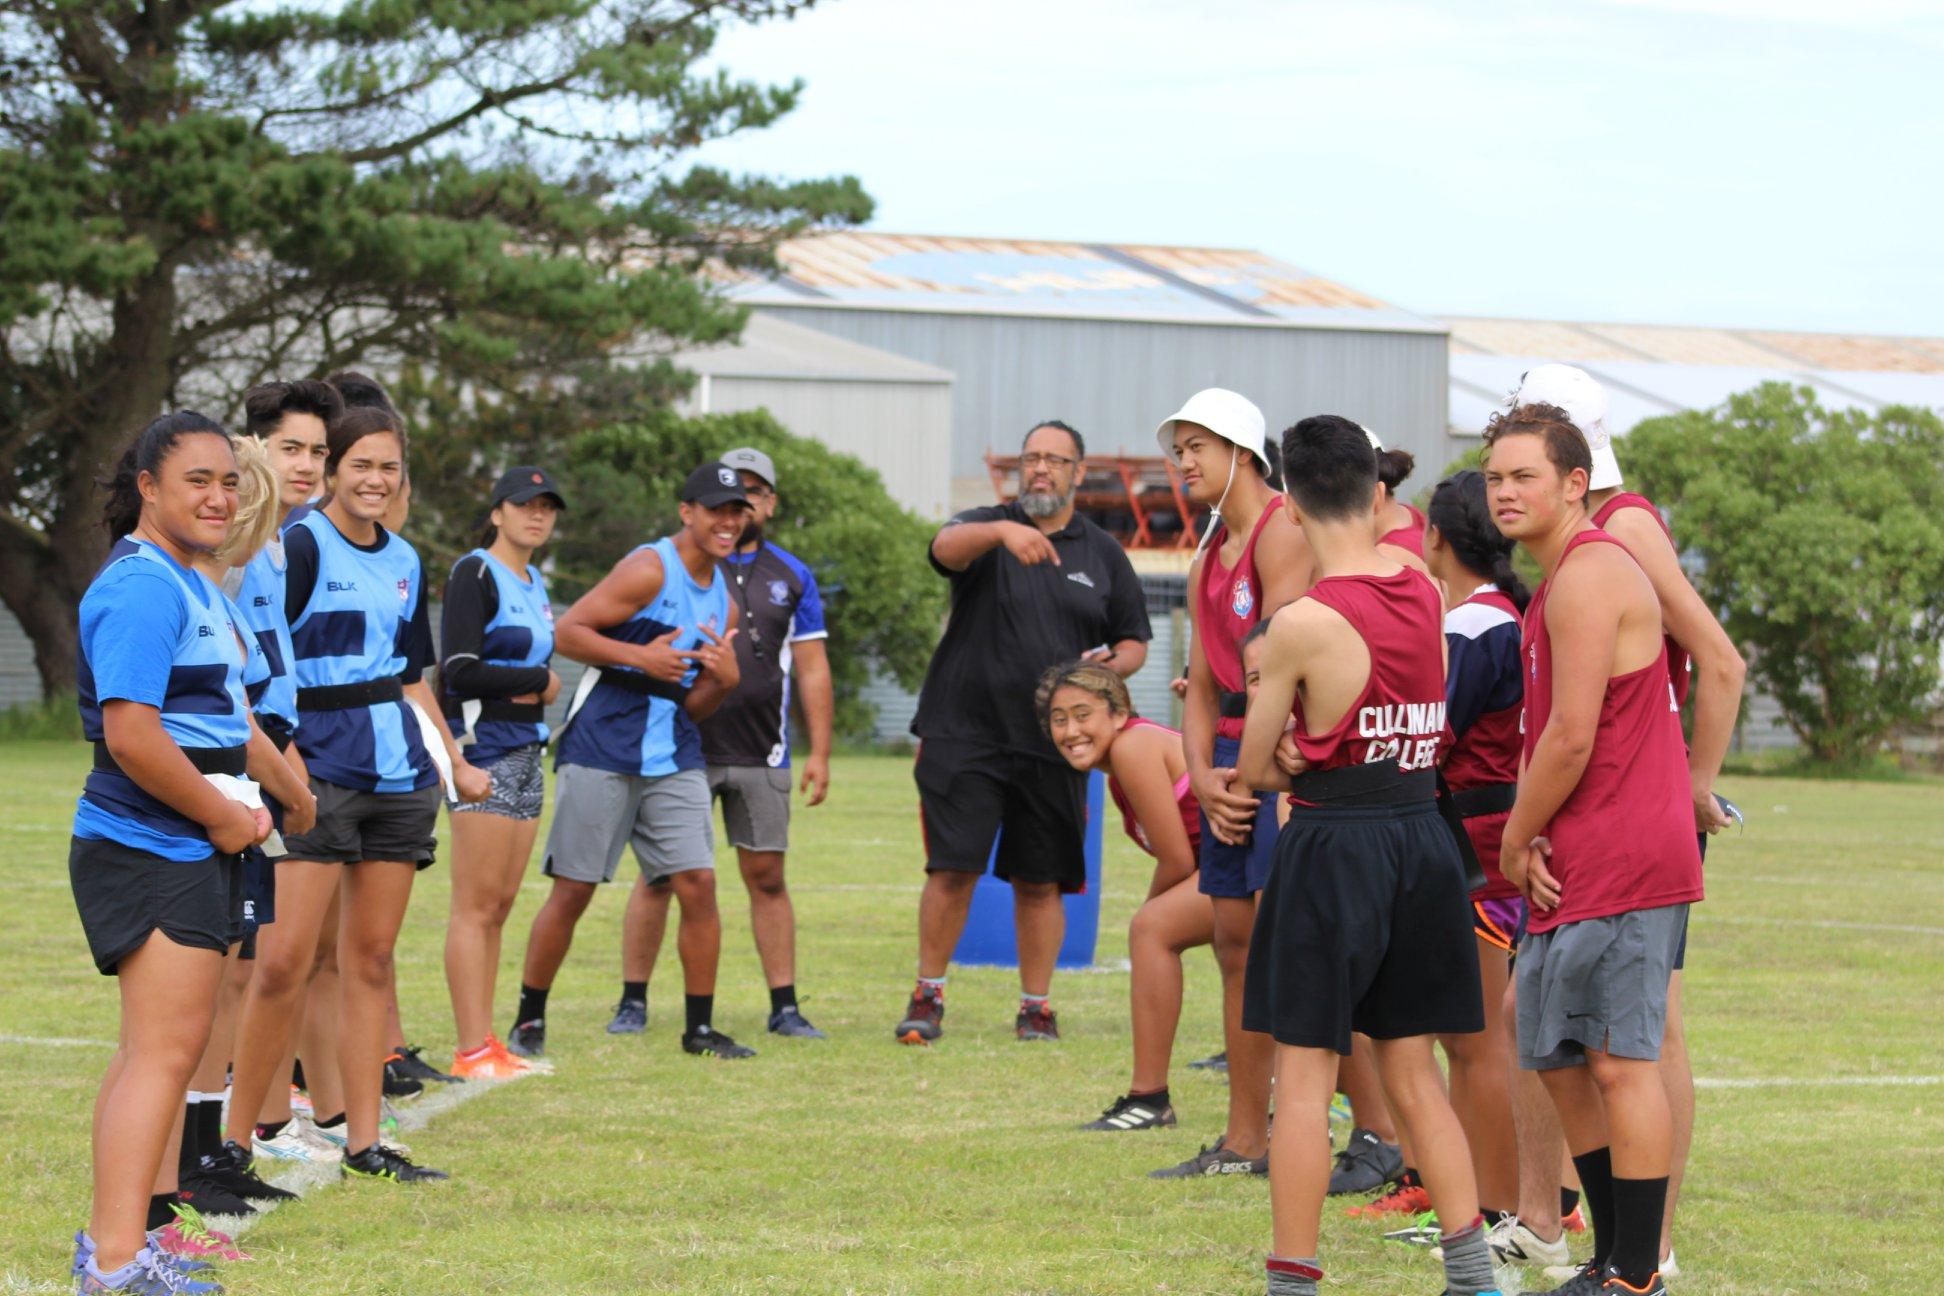 Cullinane College 2018 Whanganui Ki o Rahi Regionals